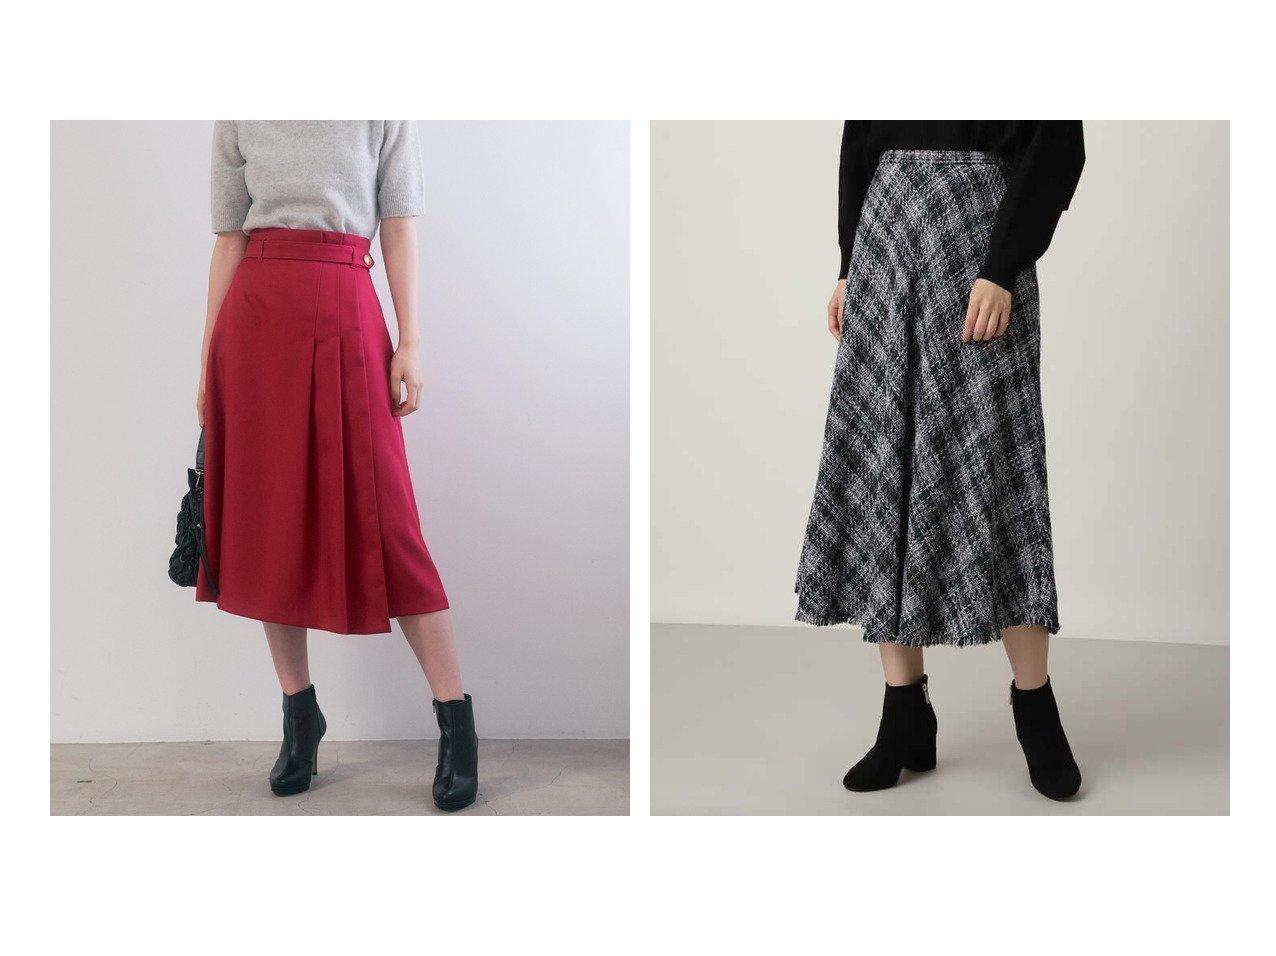 【ANAYI/アナイ】のツイルアシメ スカート&【NATURAL BEAUTY BASIC/ナチュラル ビューティー ベーシック】のミックスツイードスカート 【スカート】おすすめ!人気、トレンド・レディースファッションの通販 おすすめで人気の流行・トレンド、ファッションの通販商品 インテリア・家具・メンズファッション・キッズファッション・レディースファッション・服の通販 founy(ファニー) https://founy.com/ ファッション Fashion レディースファッション WOMEN スカート Skirt A/W・秋冬 AW・Autumn/Winter・FW・Fall-Winter 冬 Winter アシンメトリー ツイル 再入荷 Restock/Back in Stock/Re Arrival ショート スニーカー ツイード フリンジ フレア ミックス ミドル |ID:crp329100000070678